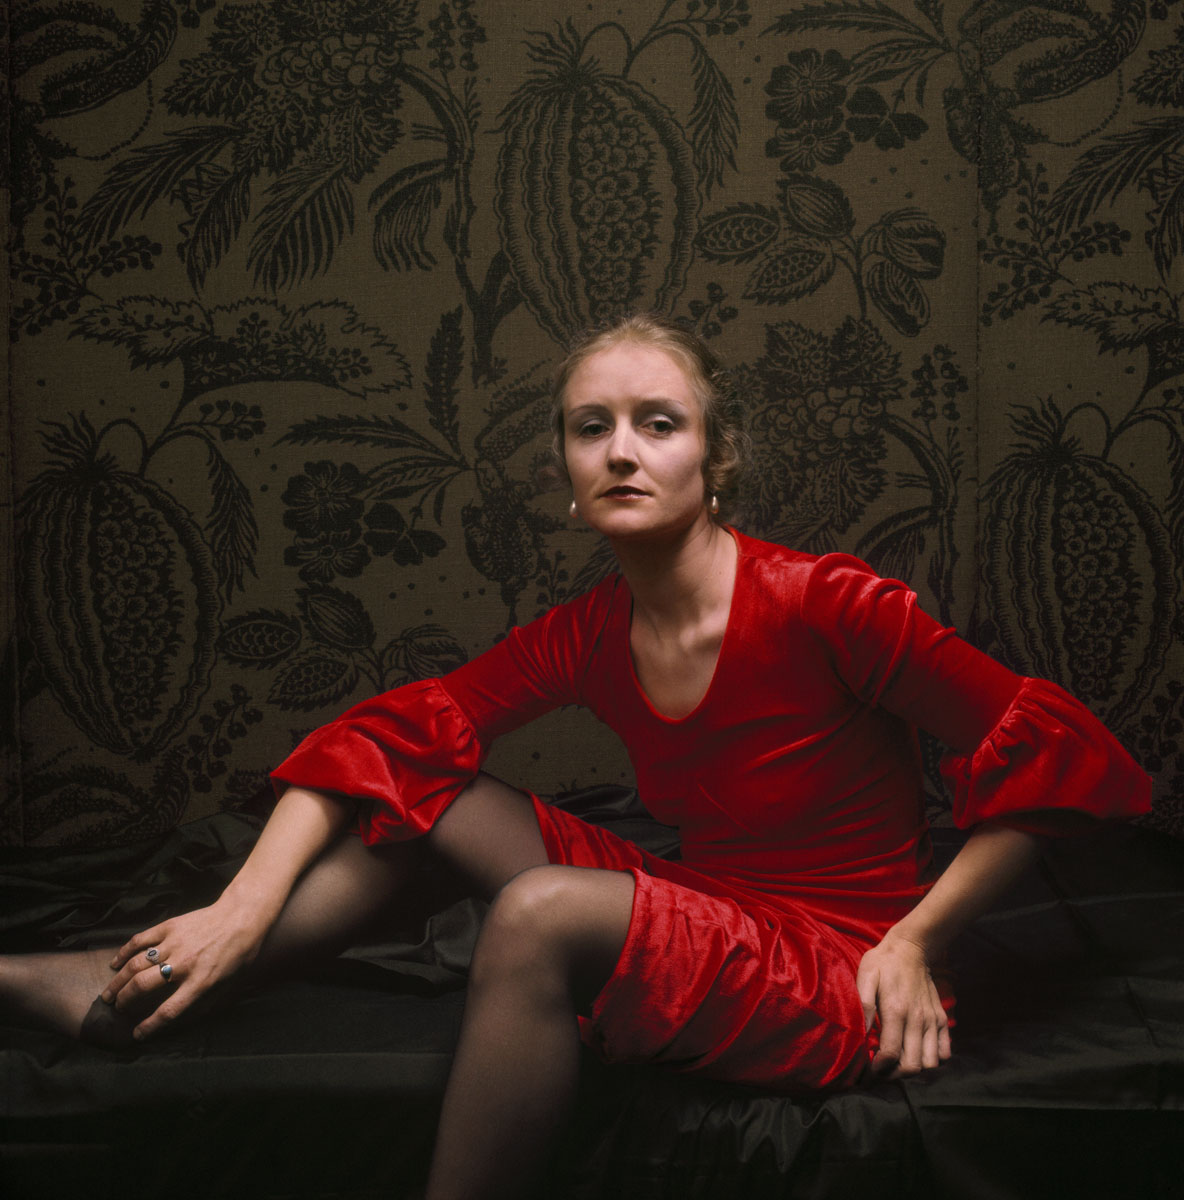 La photographie montre une femme habillée en rouge dans un intérieur.